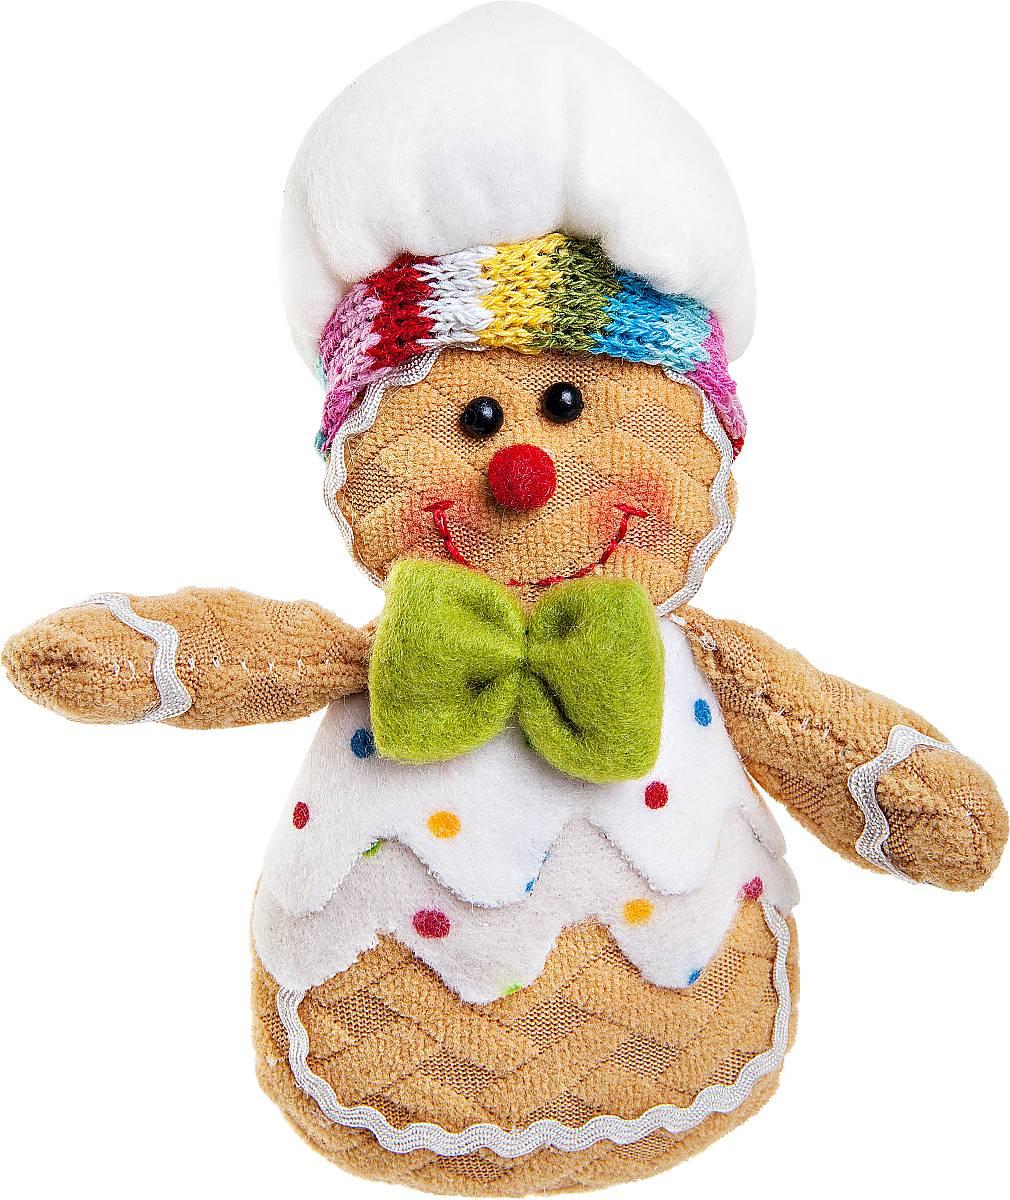 Игрушка новогодняя мягкая Mister Christmas Пряничный мальчик, высота 13 смSPP-11-MМягкая новогодняя игрушка Mister Christmas Пряничный мальчик, изготовленная из текстиля, прекрасно подойдет для праздничного декора дома. Изделие можно разместить в любом понравившемся вам месте. Новогодняя игрушка несет в себе волшебство и красоту праздника. Создайте в своем доме атмосферу веселья и радости, украшая дом красивыми игрушками, которые будут из года в год накапливать теплоту воспоминаний. Высота игрушки: 13 см.